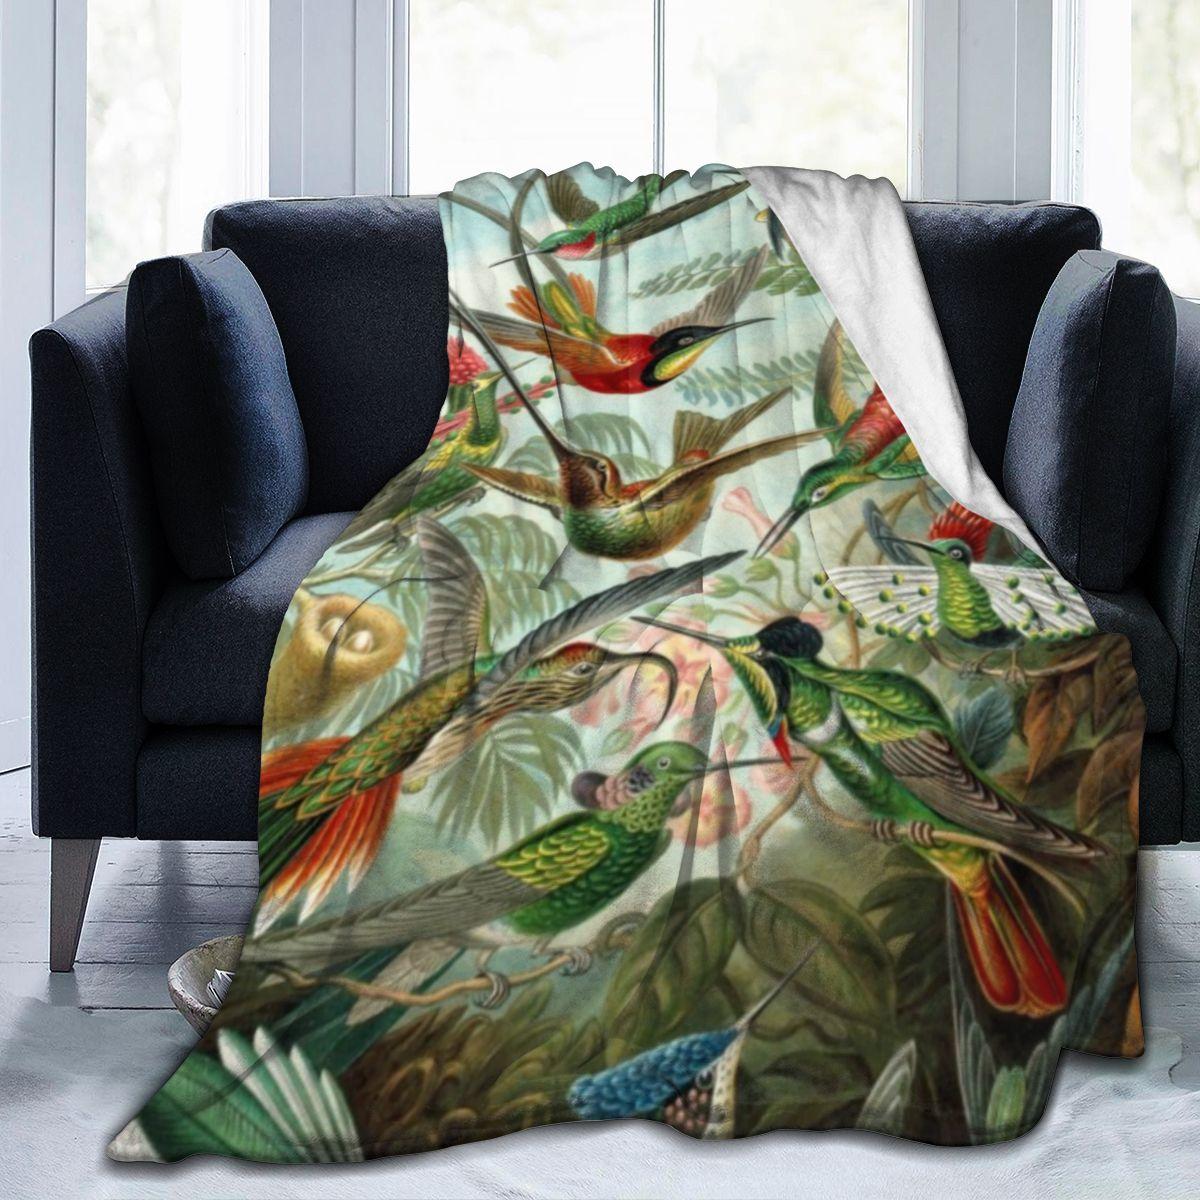 تحلق الطنان صوف ليف دقيق بطانية لينة رمي بطانية دافئة خفيفة الوزن الفانيلا بطانية ل أريكة سرير أريكة مكتب